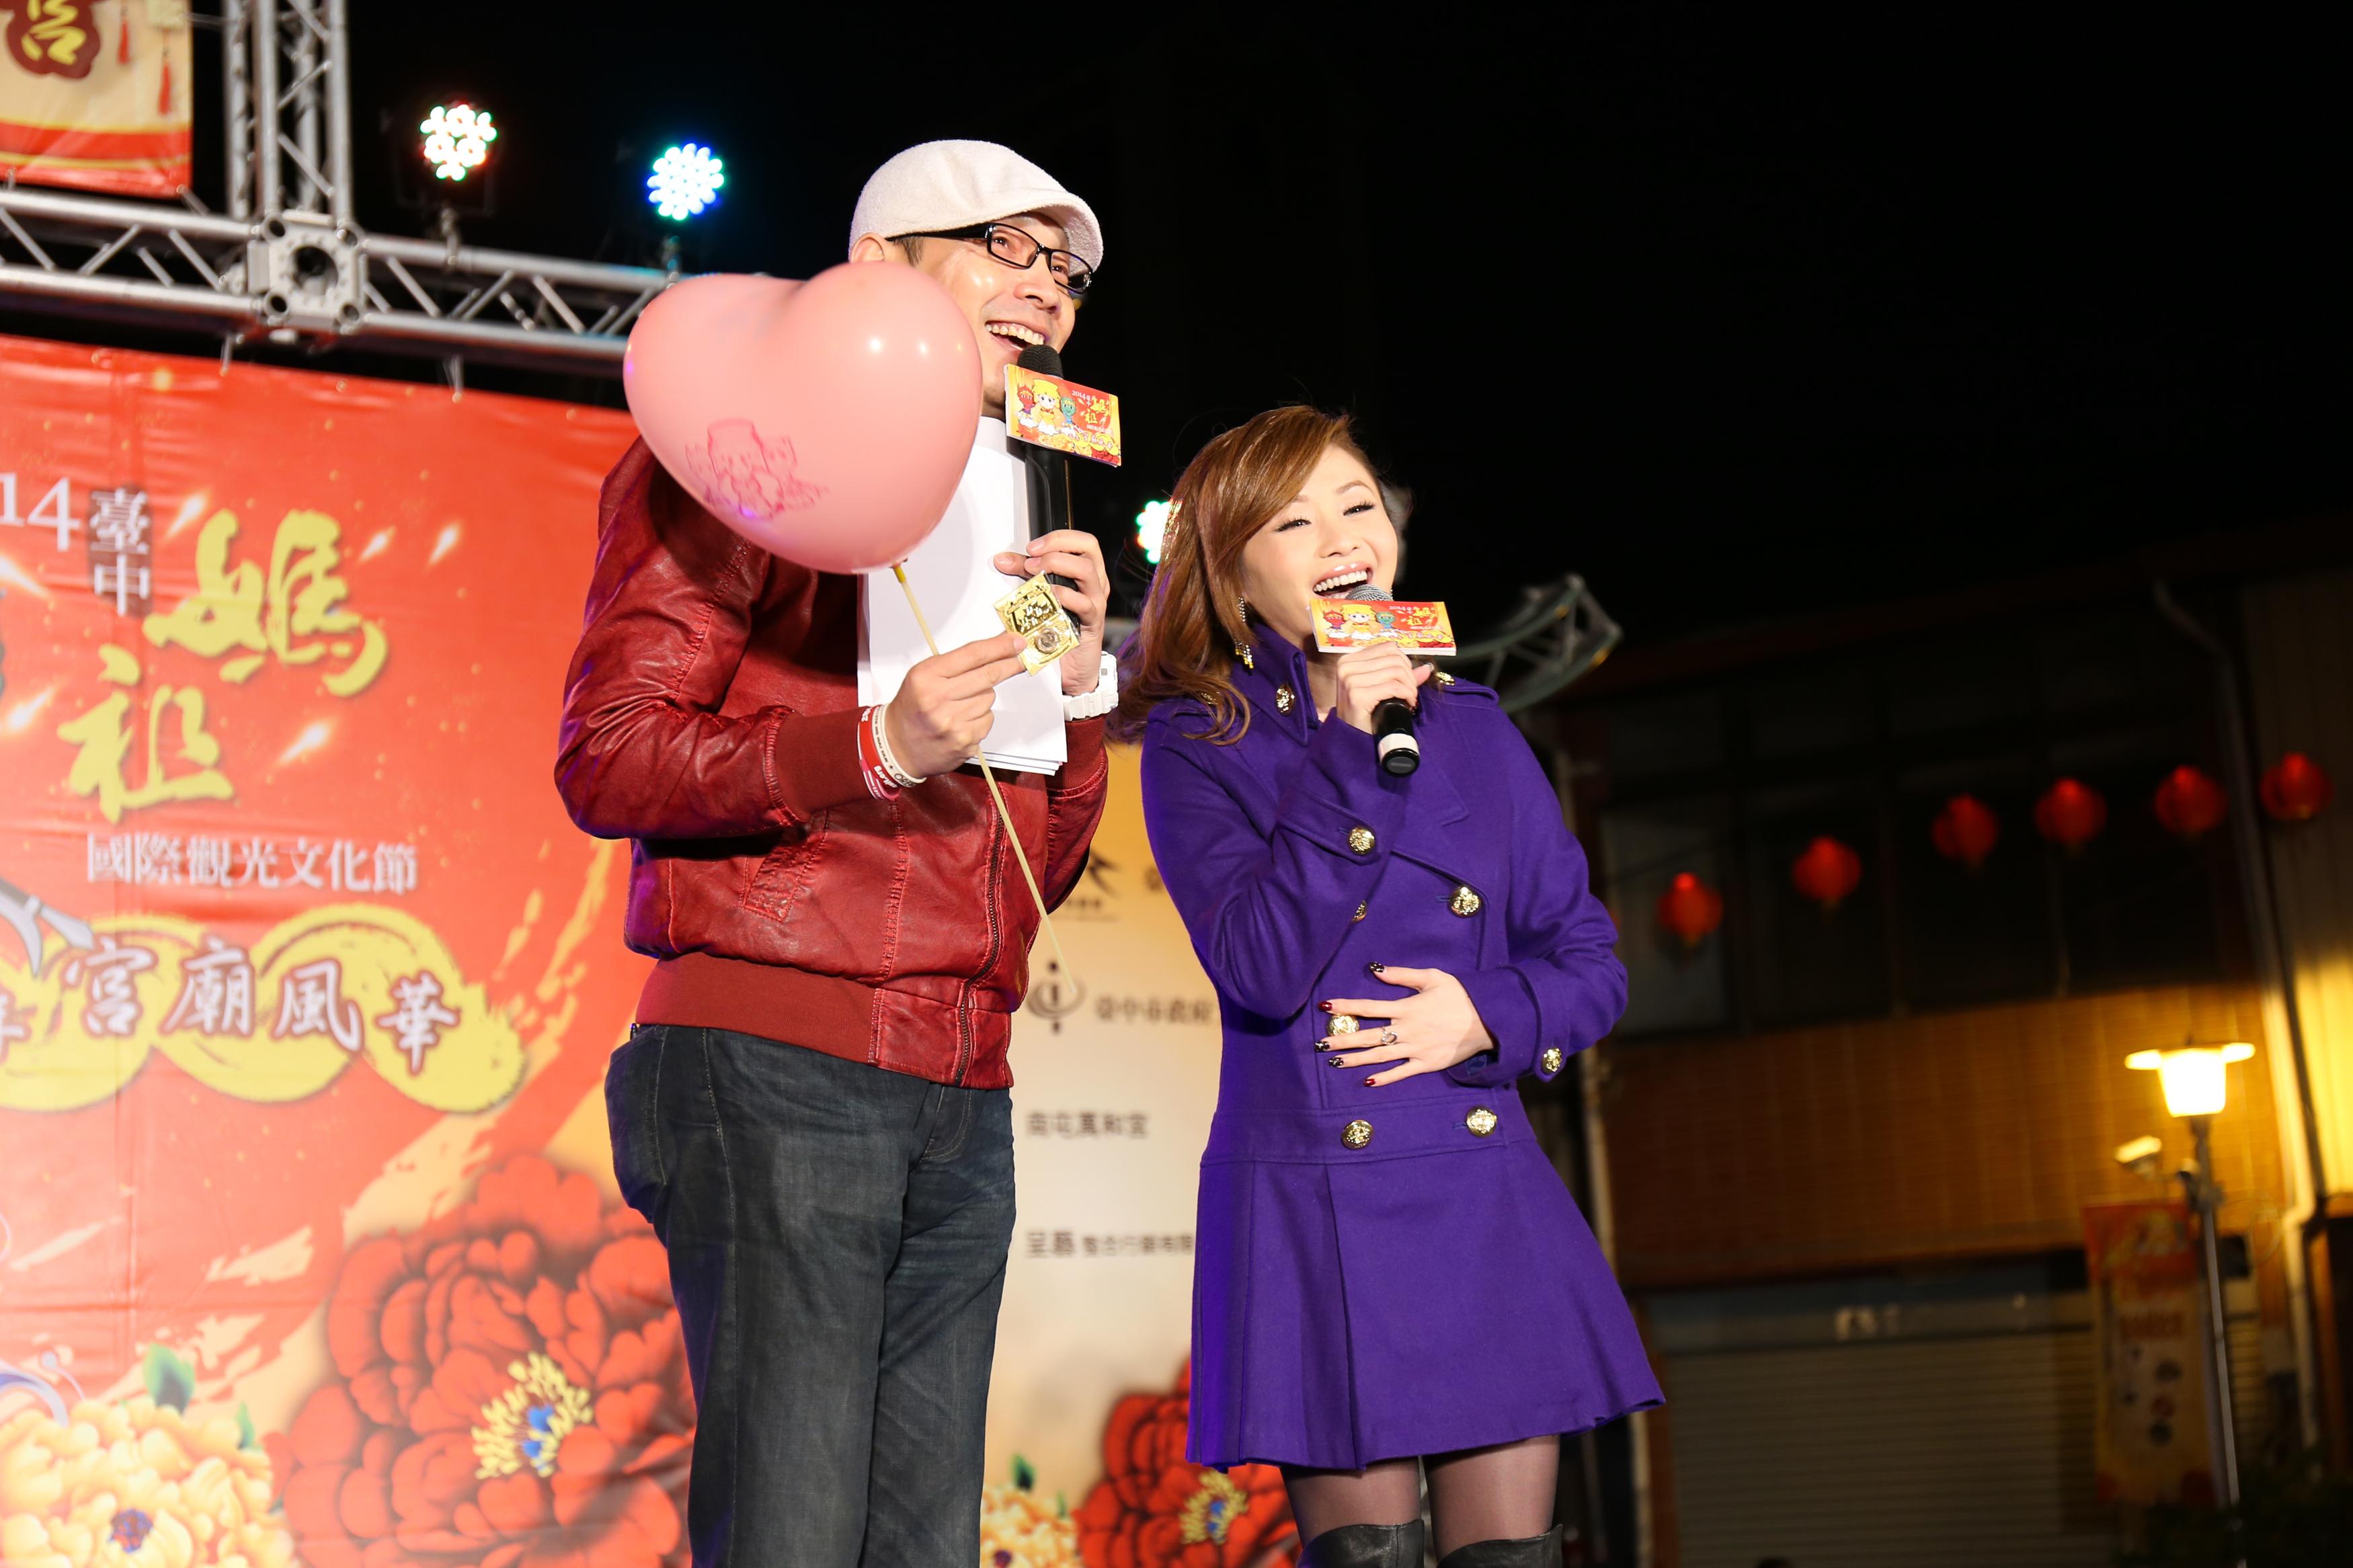 台中媽祖國際觀光文化節在萬和宮,台中婚錄推薦2